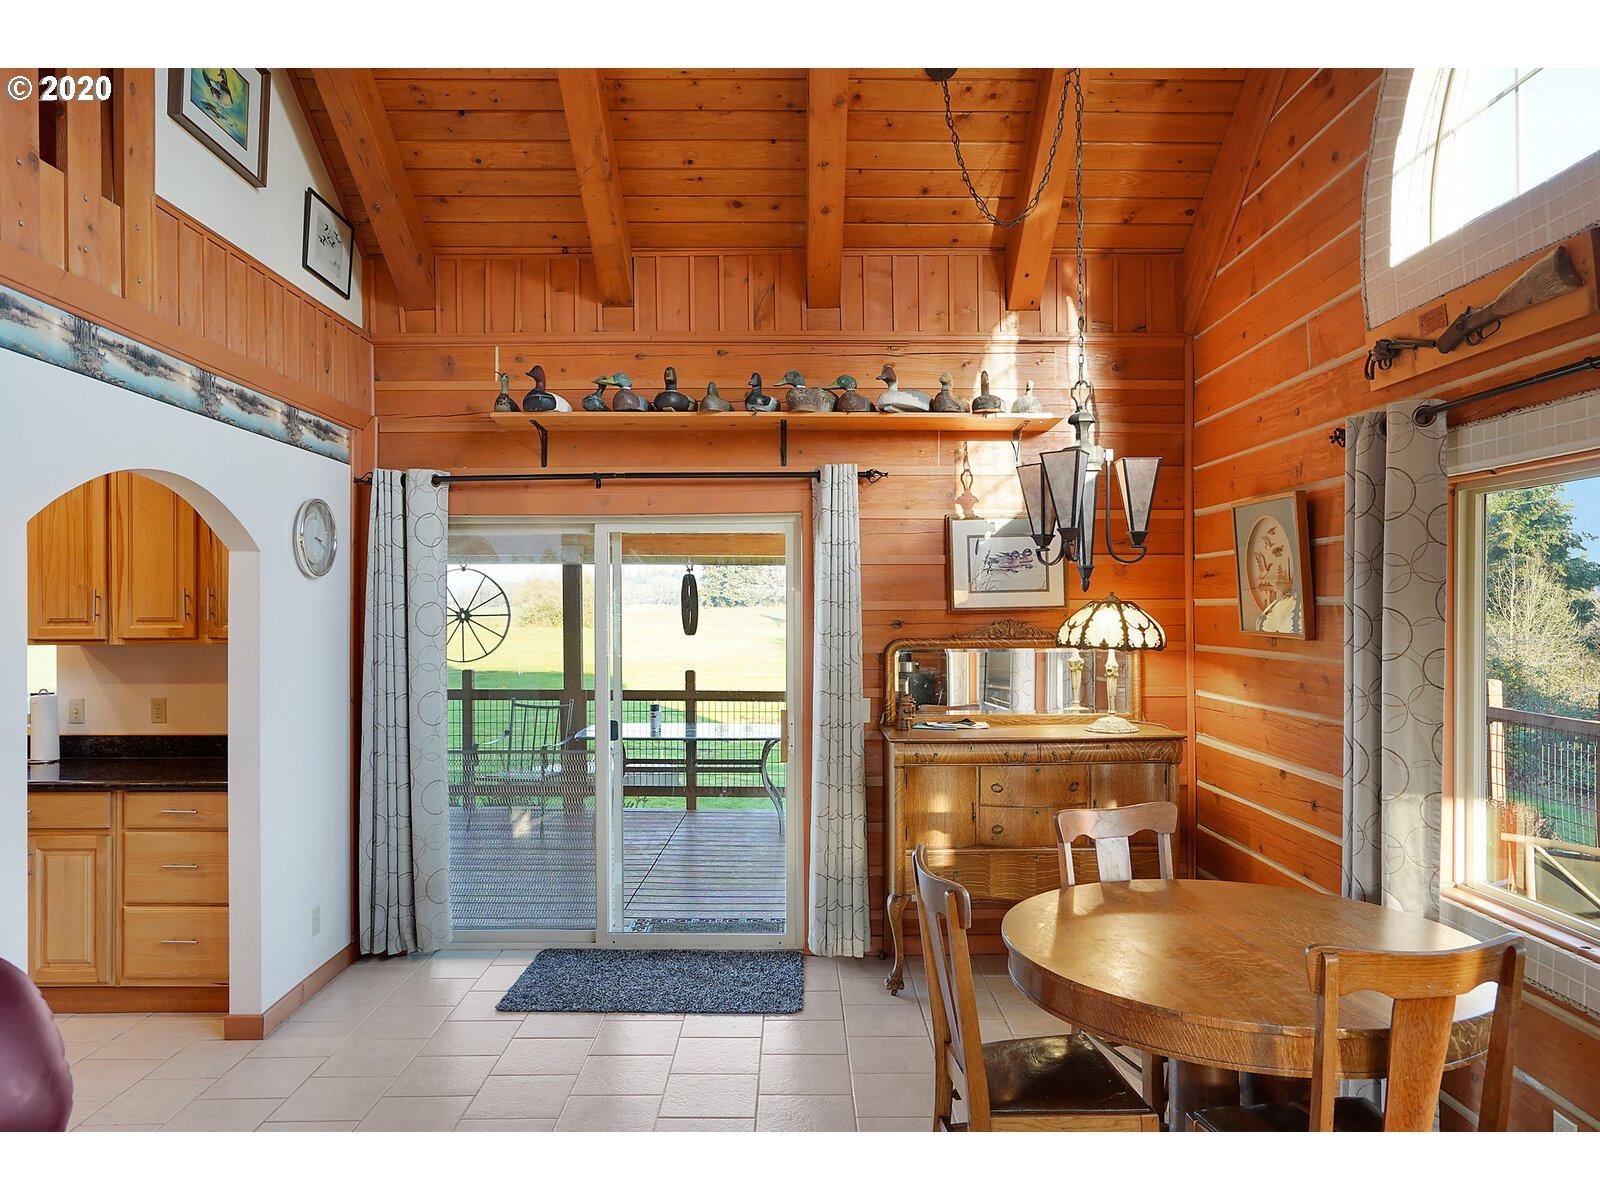 40430 QUEENER DR, Scio, Oregon 97374, 3 Bedrooms Bedrooms, ,3 BathroomsBathrooms,Single Family,For Sale,40430 QUEENER DR,2,20313063